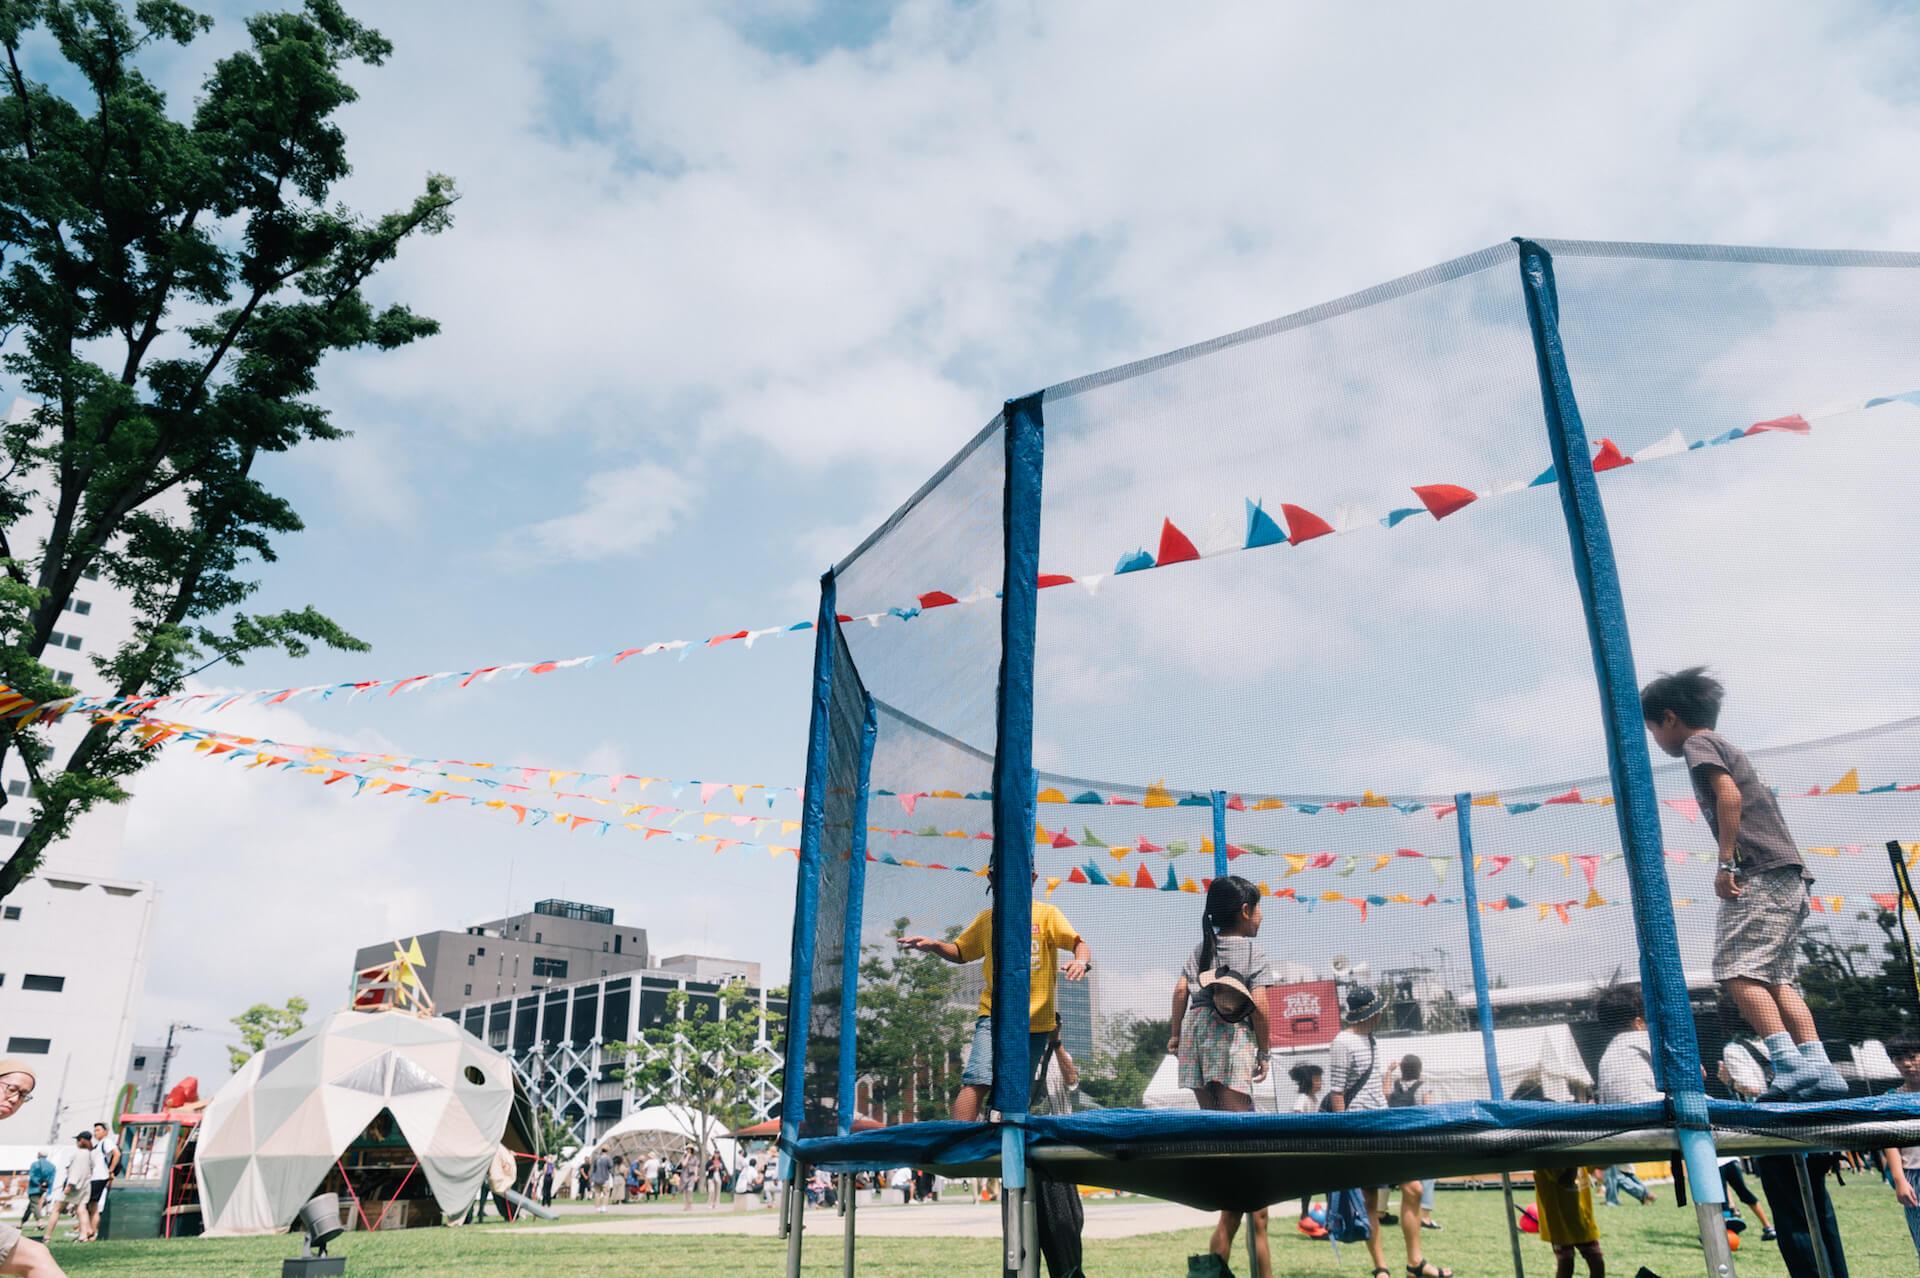 初開催のONE PARK FESTIVALレポート|WONK長塚、Ovall、福井のアーティストhendecagonと水咲加奈の感想は? music190719-oneparkfestival-6